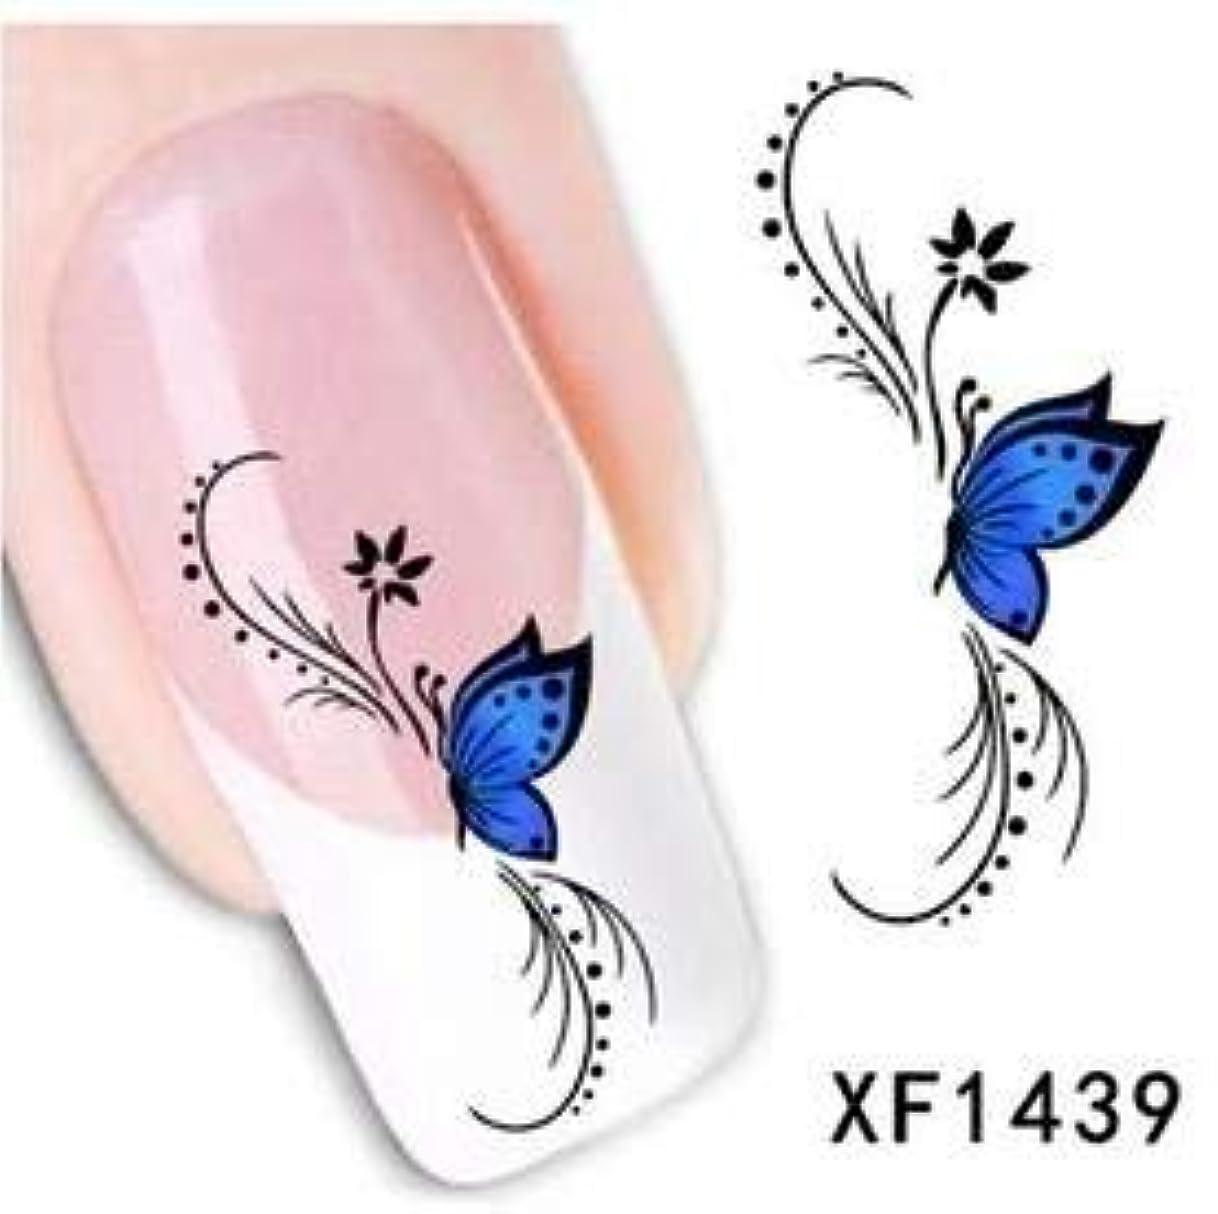 切り下げ取るに足らないパークMEI1JIA CELINEZL 5ピースファッションマニキュアデカール花柄デザイン水転写ステッカー(XF1422) (色 : XF1439)